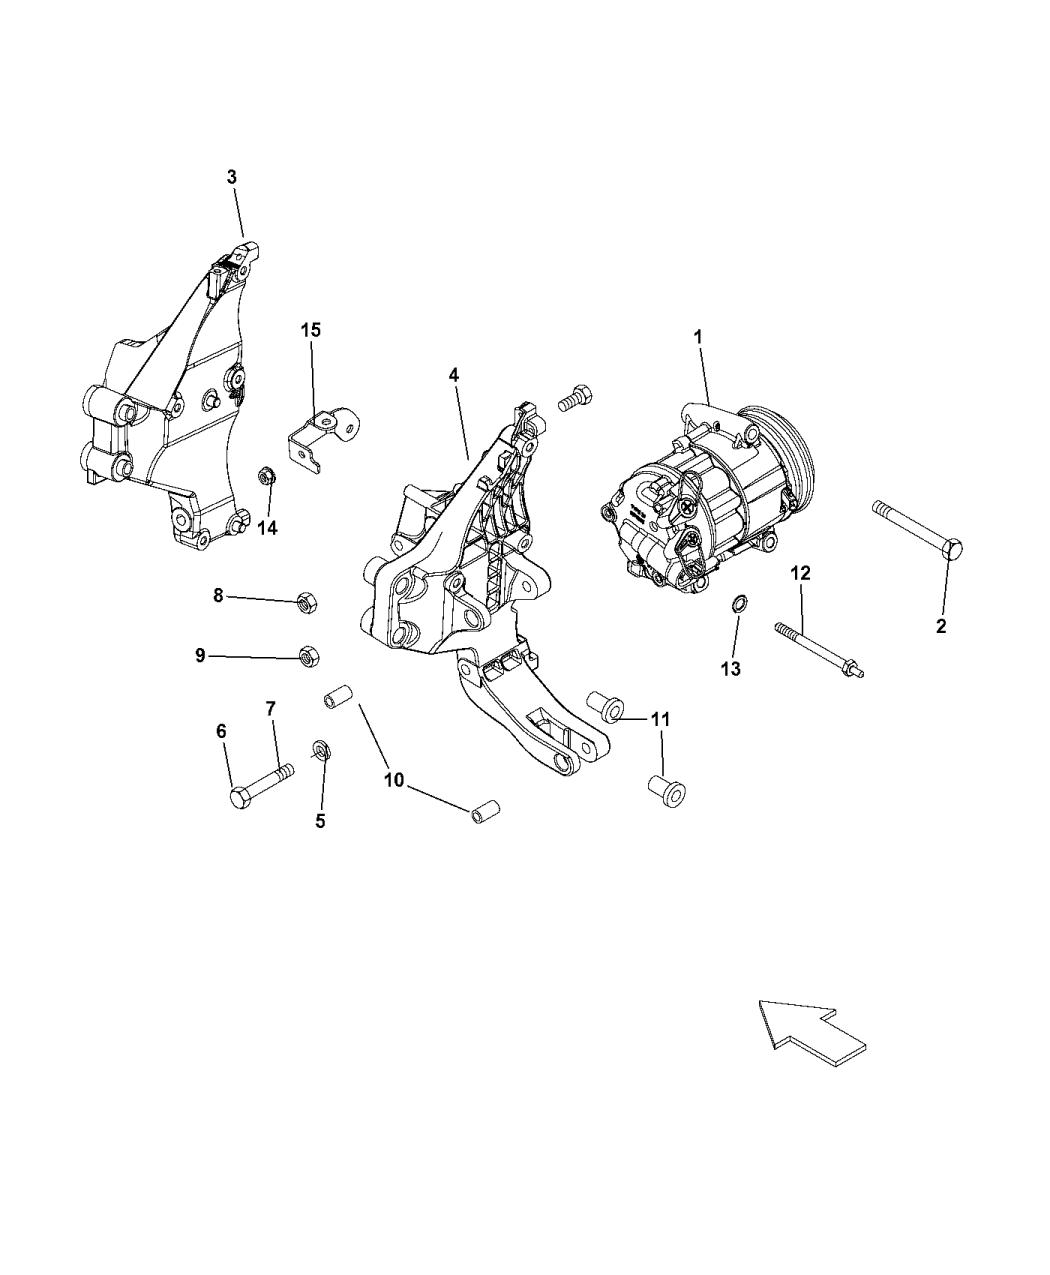 Mopar 68254557AA on jeep wrangler yj wiring diagram, jeep cherokee sport wiring diagram, jeep hurricane wiring diagram, jeep commander wiring diagram, jeep cj wiring diagram, jeep wagoneer wiring diagram,